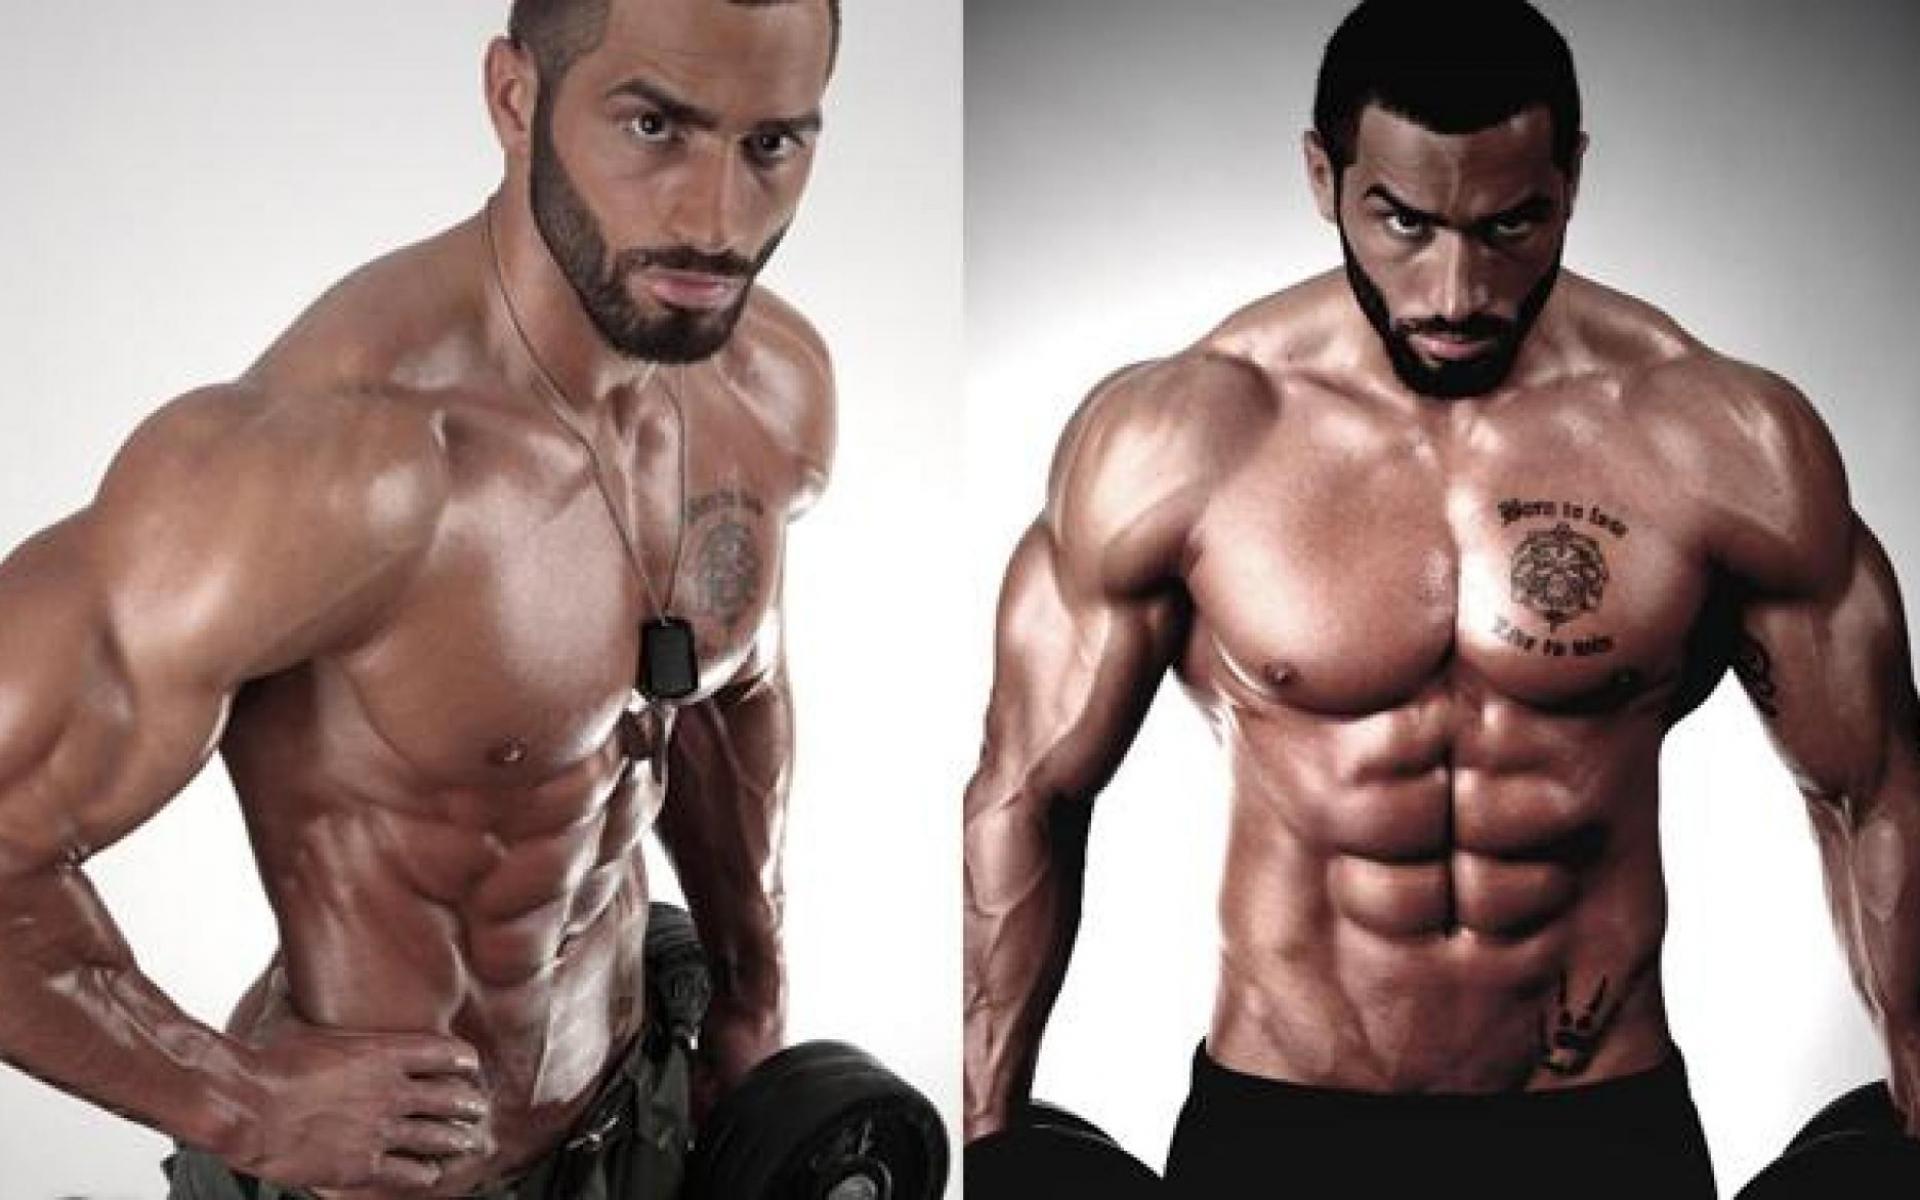 Lazar Angelov gym workout routine